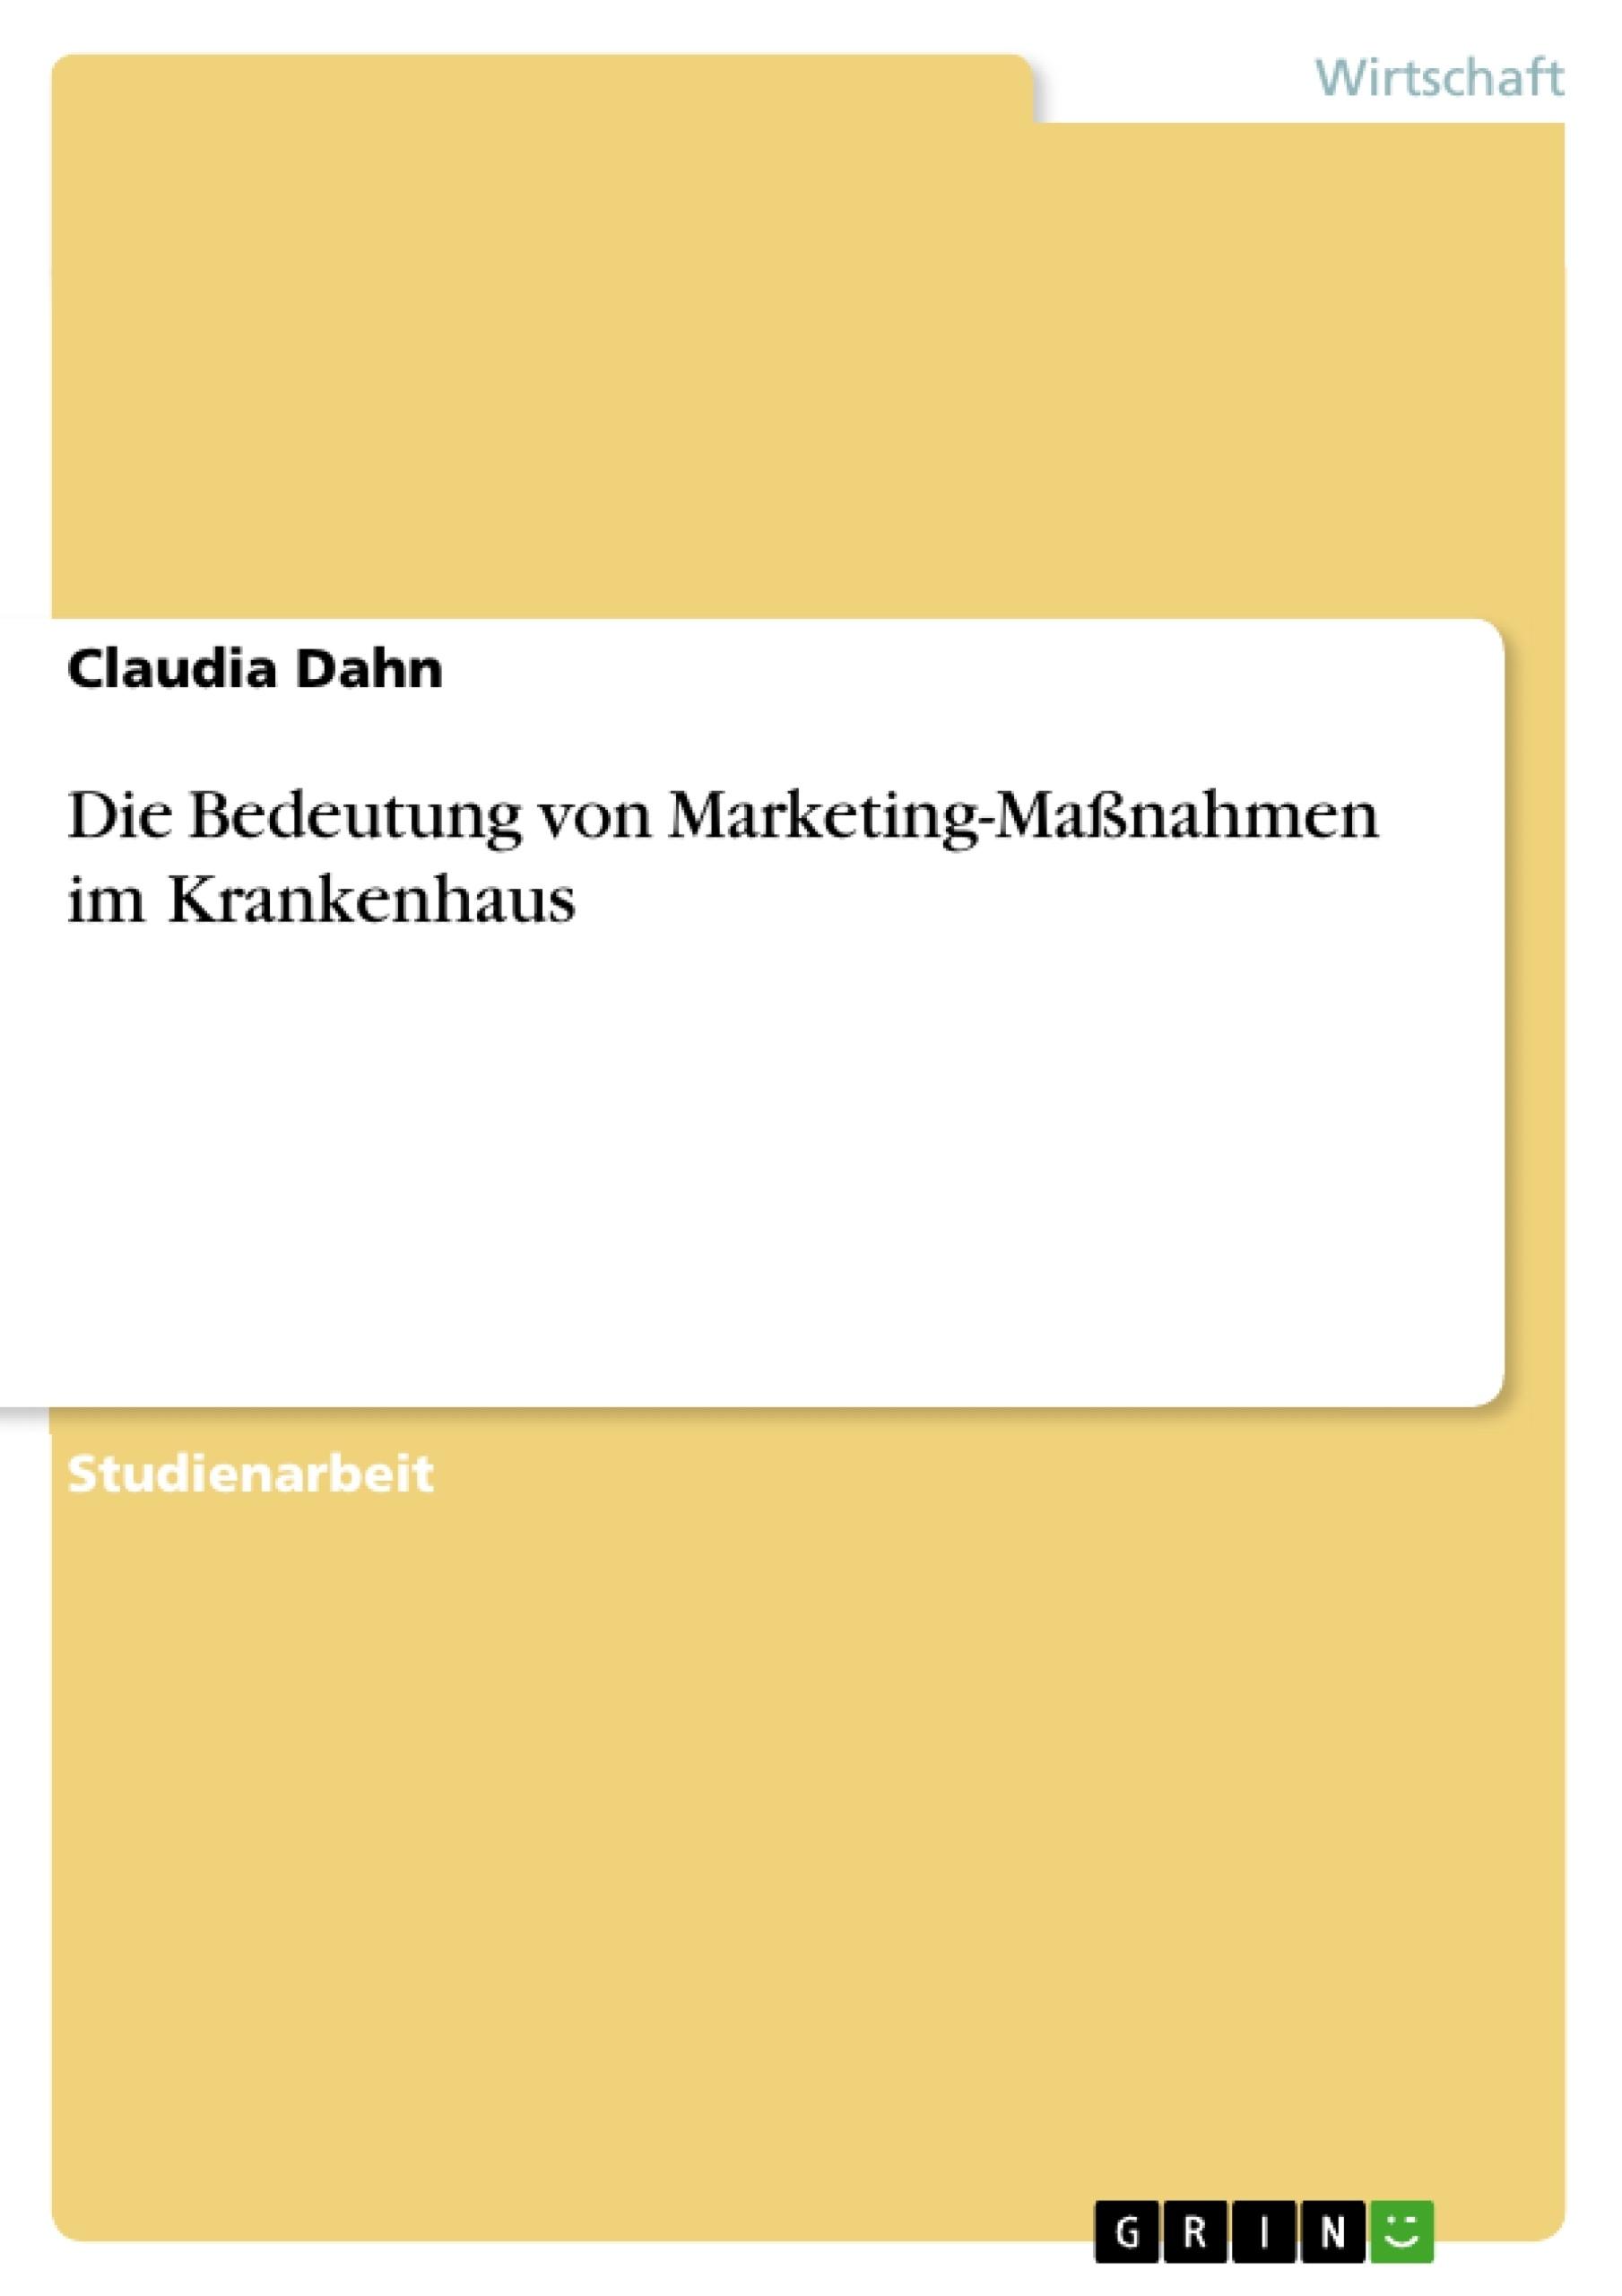 Titel: Die Bedeutung von Marketing-Maßnahmen im Krankenhaus